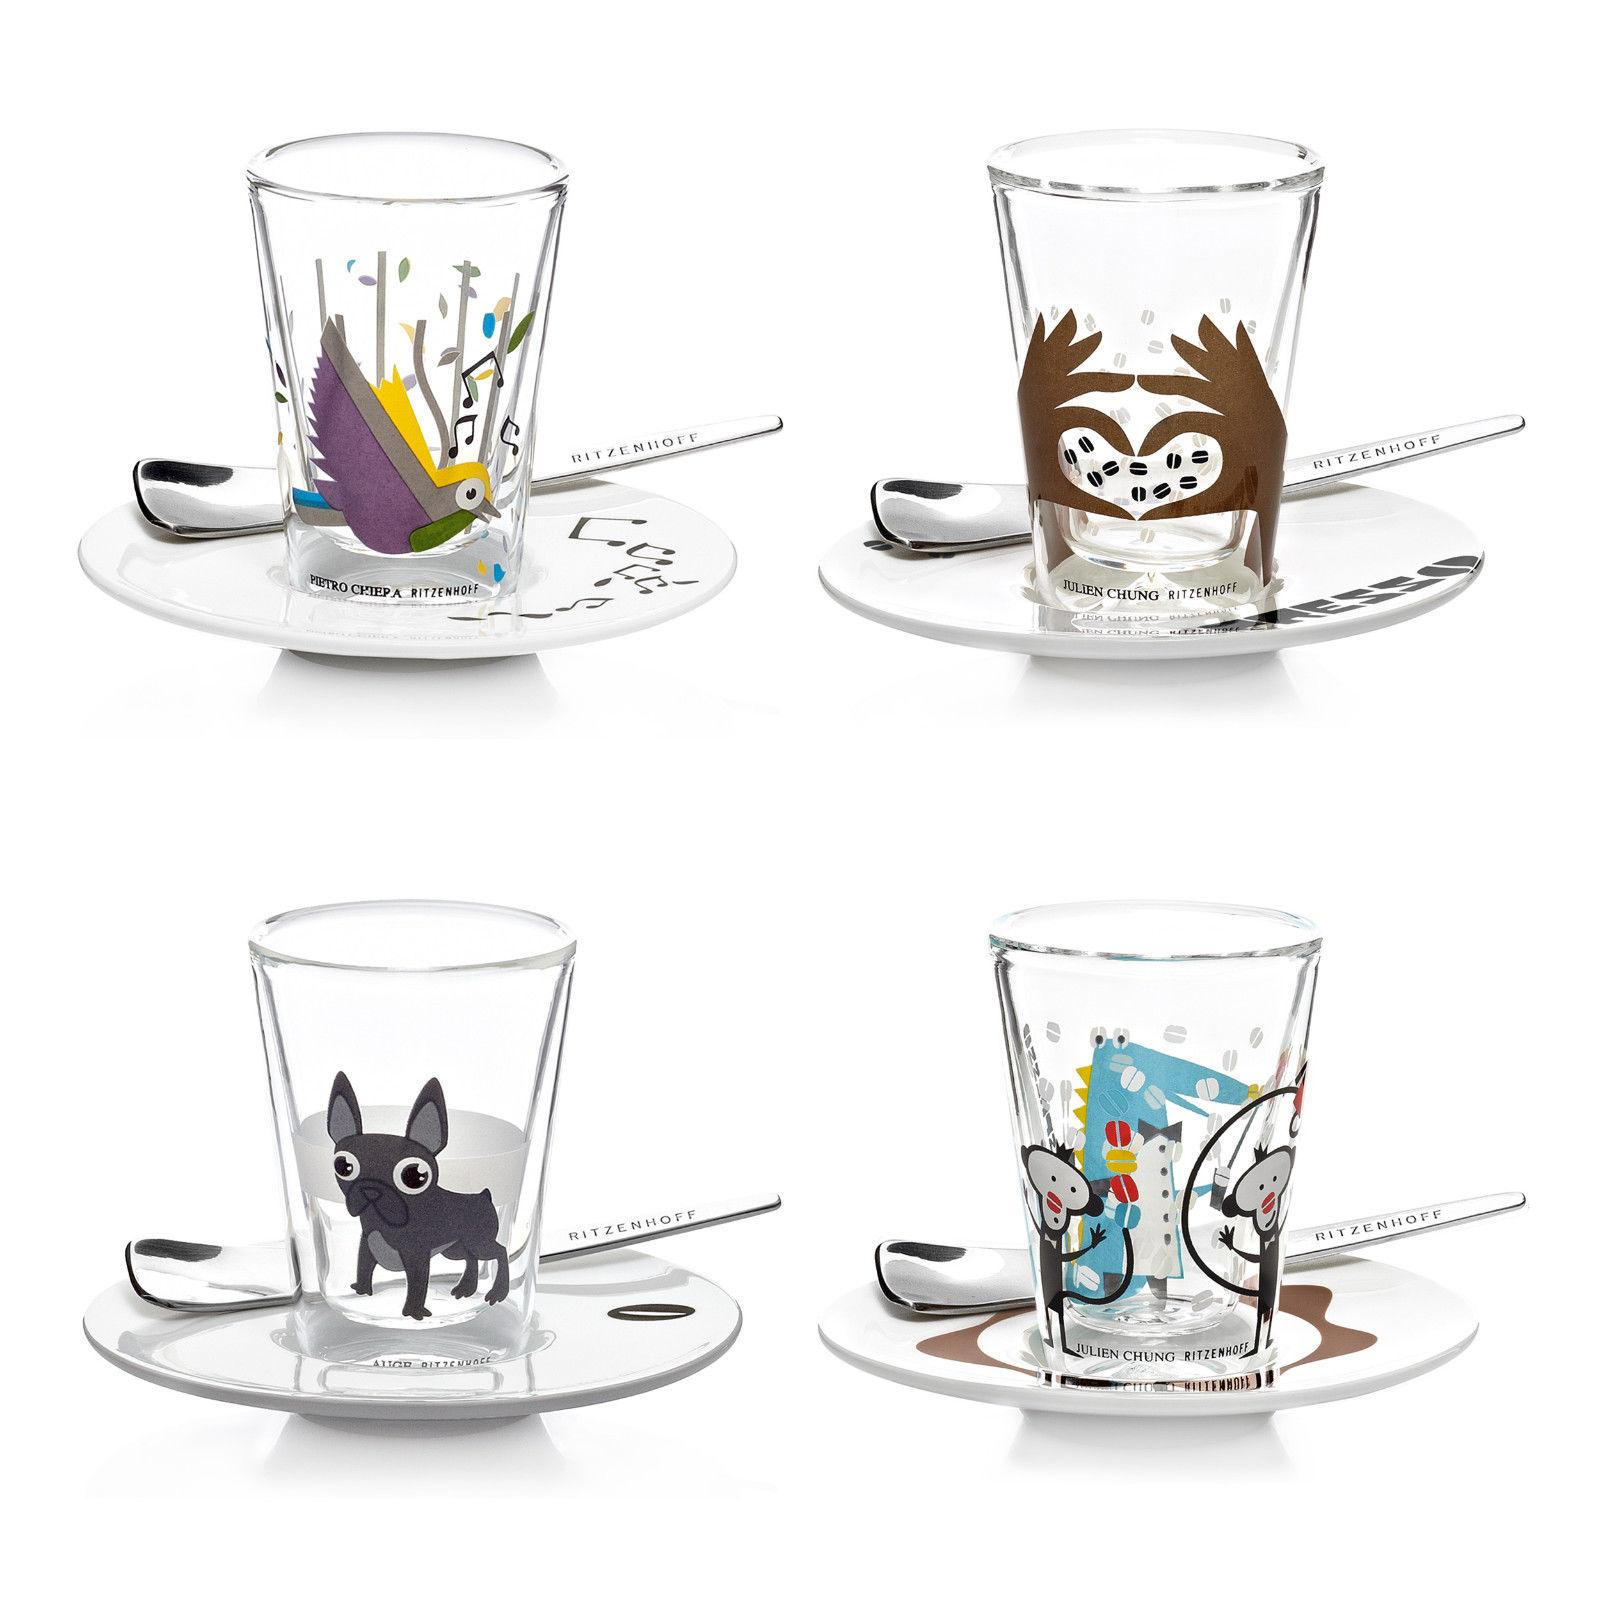 Ritzenhoff Bacino Espresso Glasset doppelwandig m. Untertasse u. Löffel 70ml 2er Set @ebay 19,95€